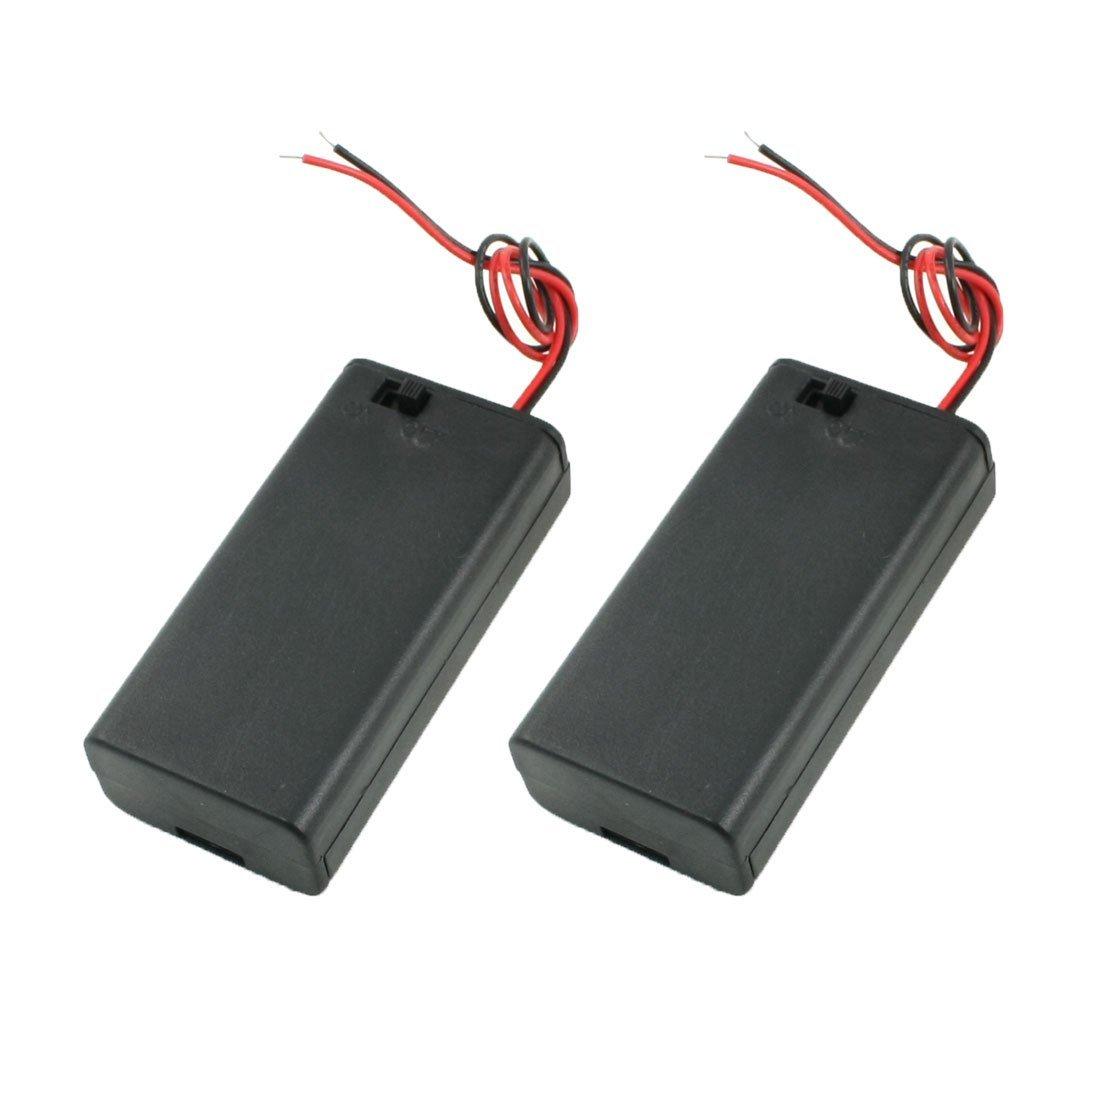 RETYLY 2PCS Soporte de Caja de bateria 2x1.5V AA baterias con Cubierta Interruptor de Encendido//Apagado